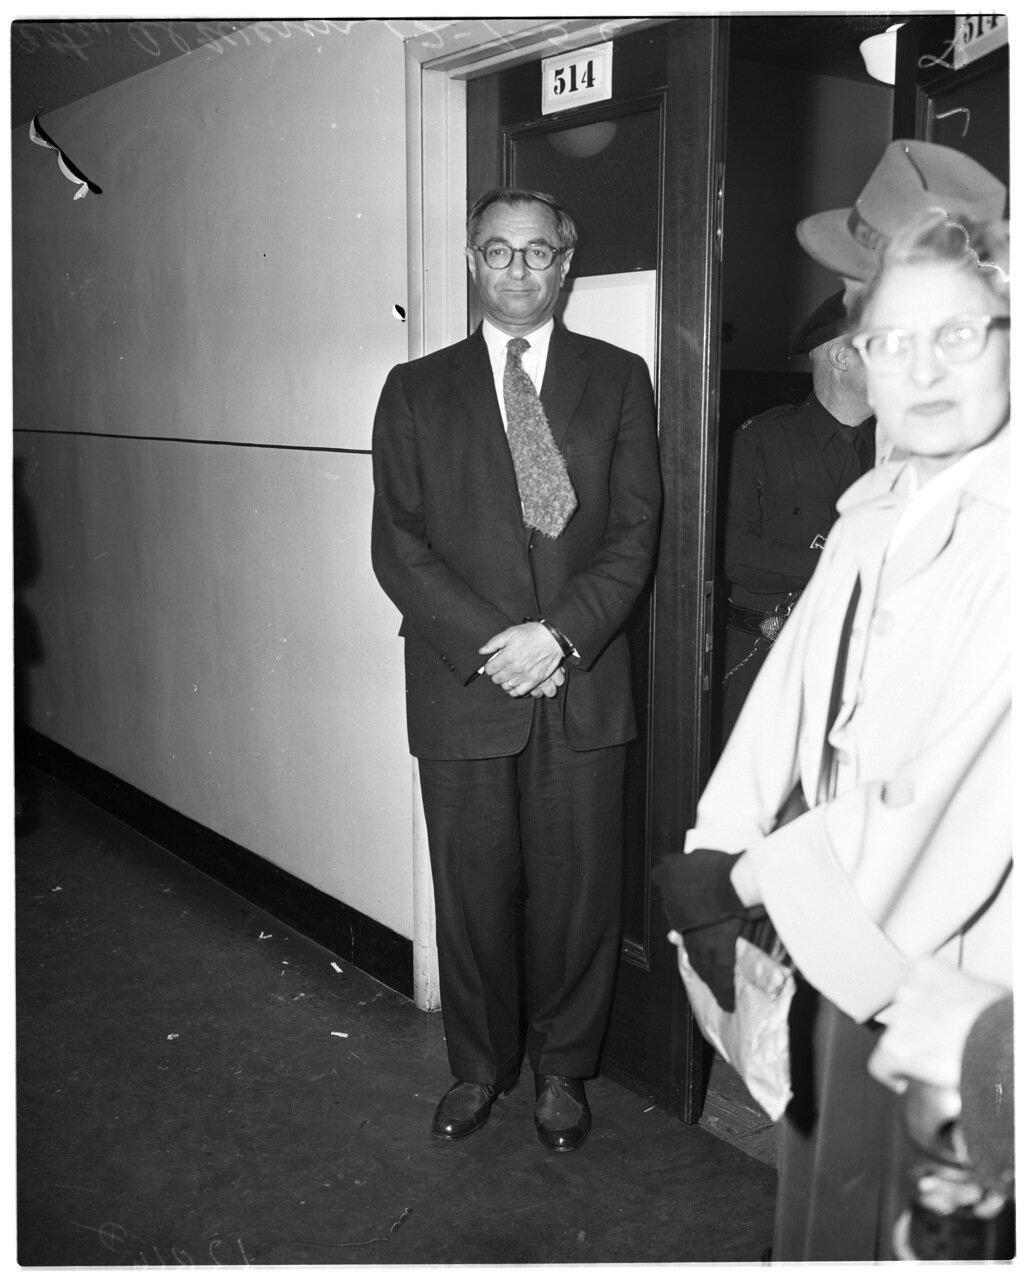 1956. 7 декабря. Комиссия по расследованию антиамериканской деятельности. Адвокат Эль Верин